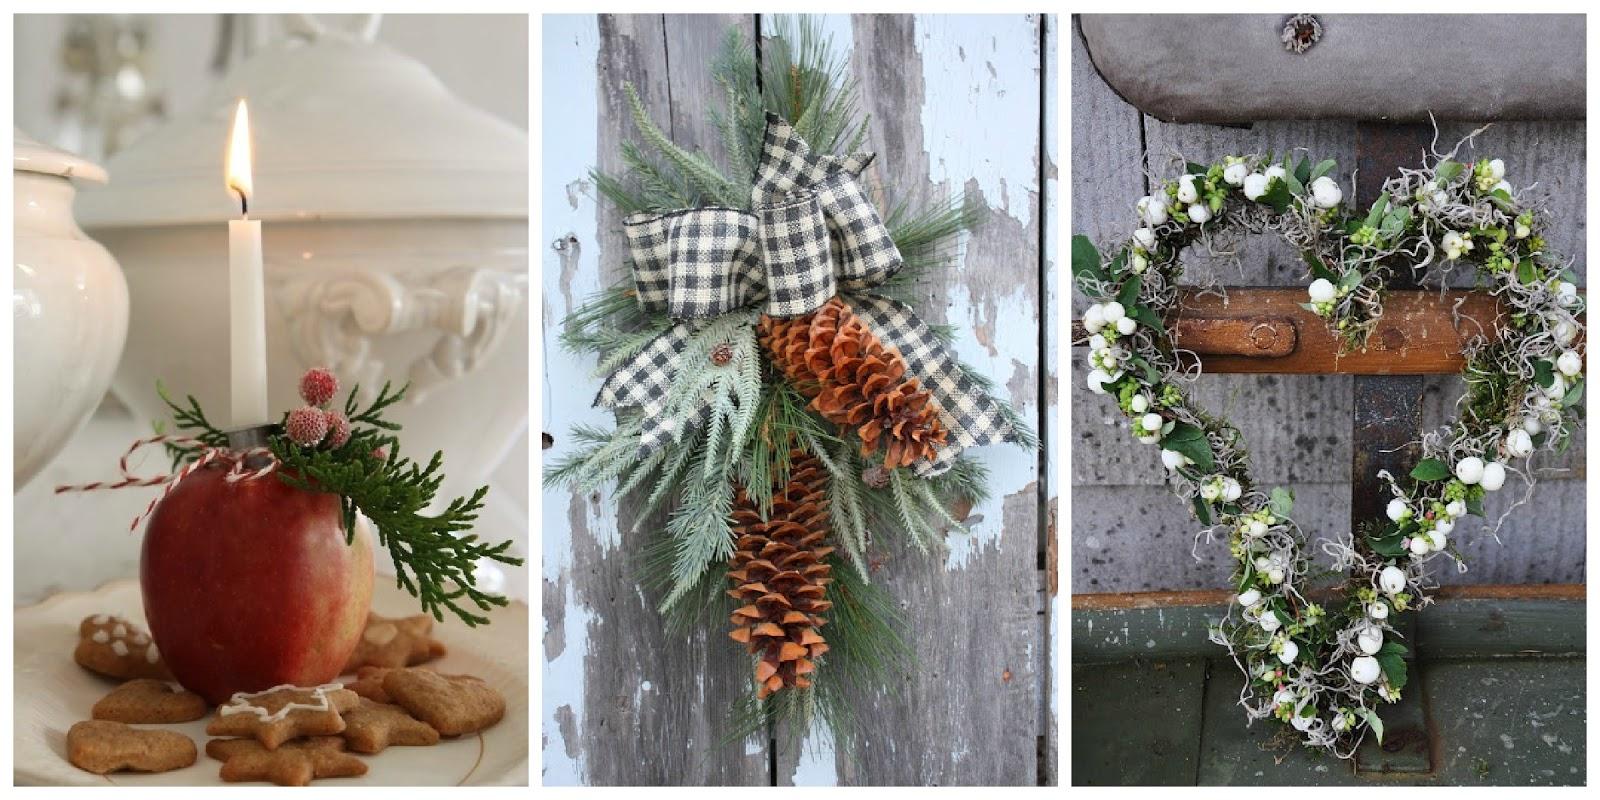 Il giardino di fasti floreali immagini del natale la - Decorazioni natalizie tavola ...